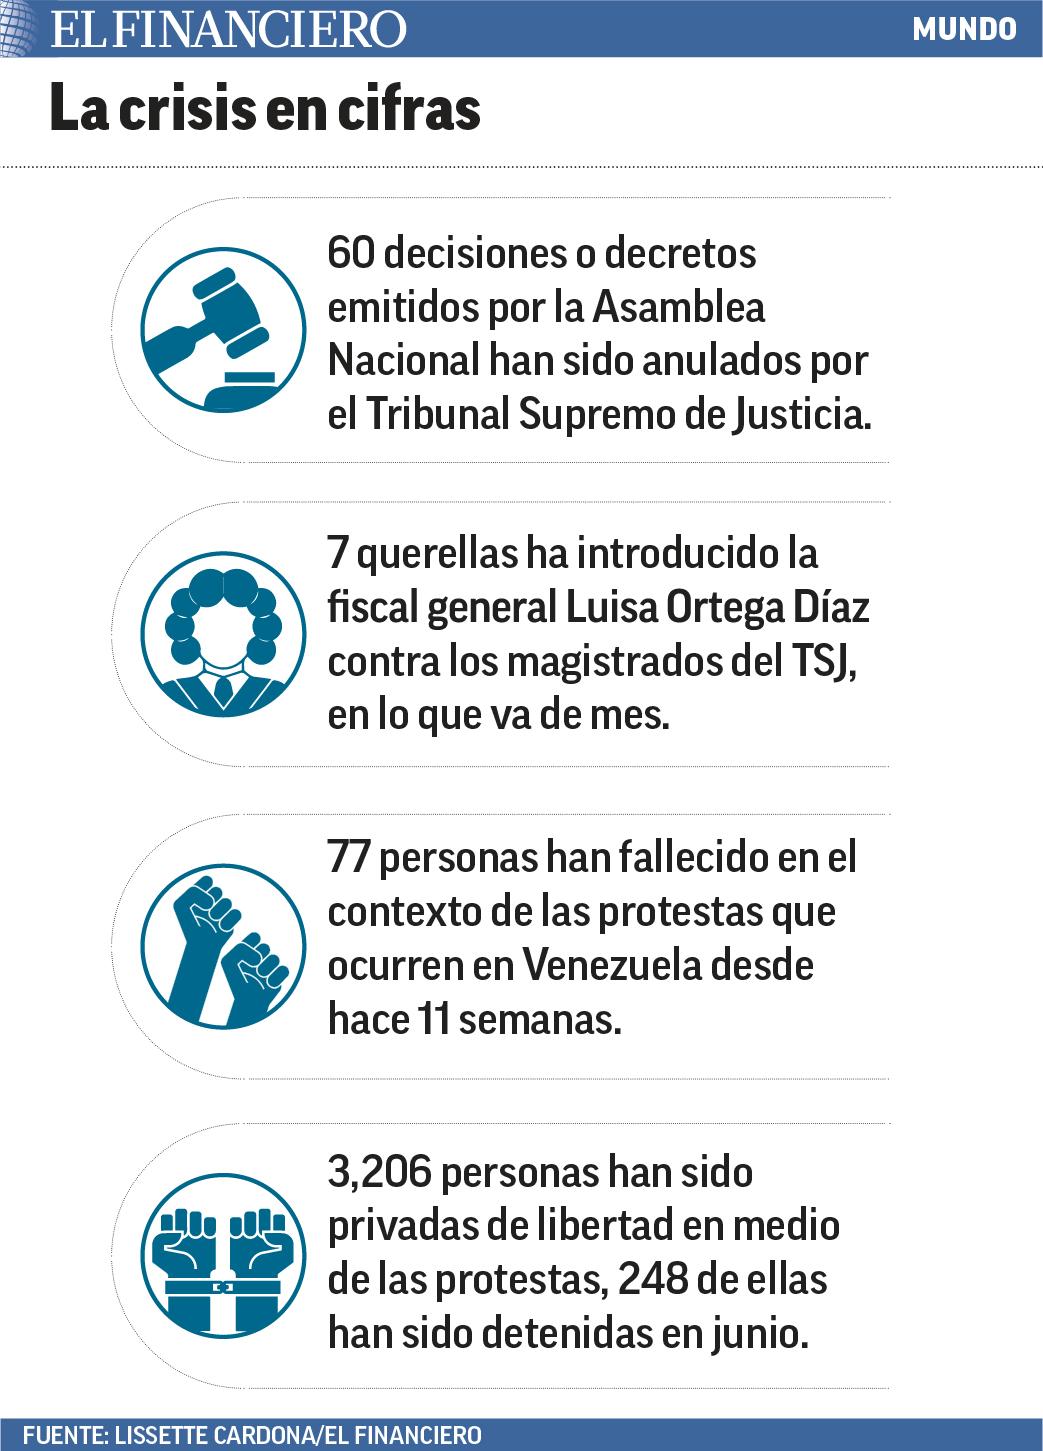 la_crisis_en_cifras-01.jpg